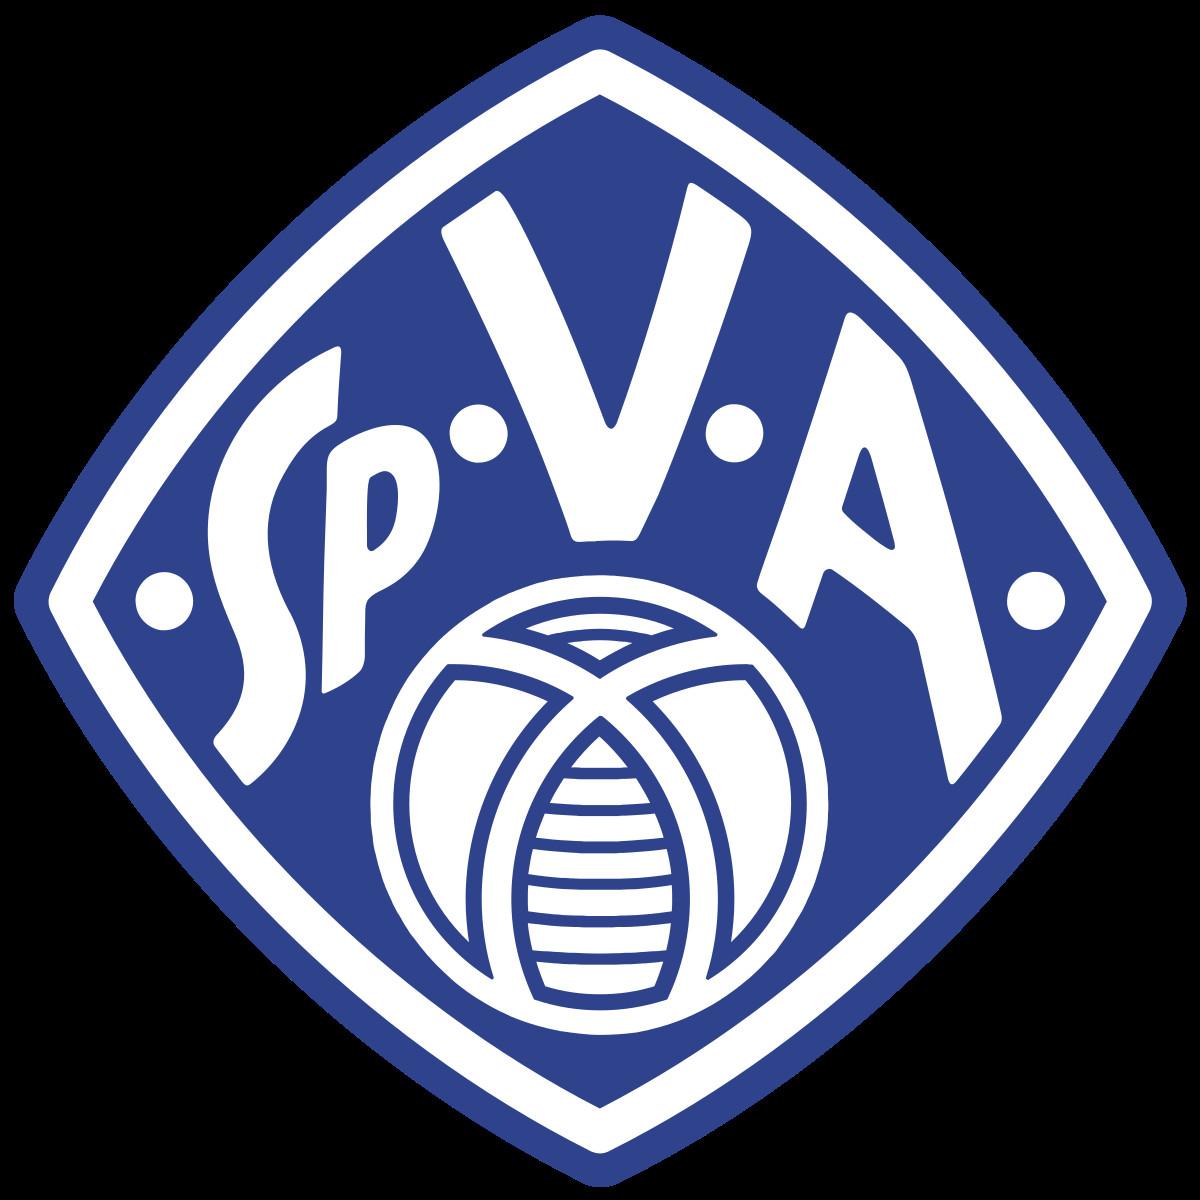 Fc Bayern Logo Zum Ausdrucken Neu Viktoria aschaffenburg – Galerie